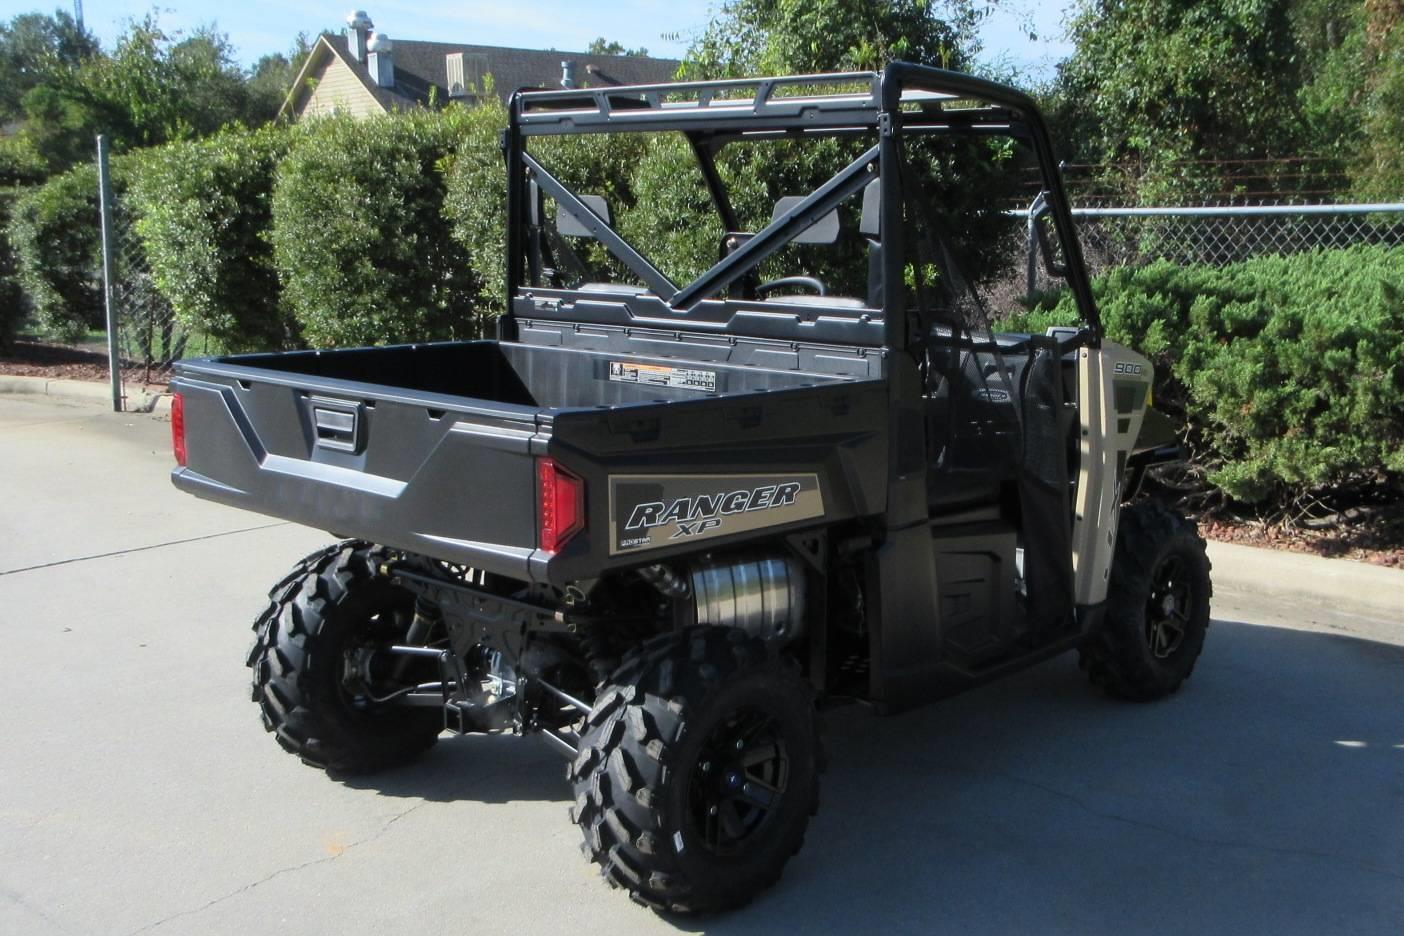 Factory Supplier Ranger XP 900 EPS UTV 14